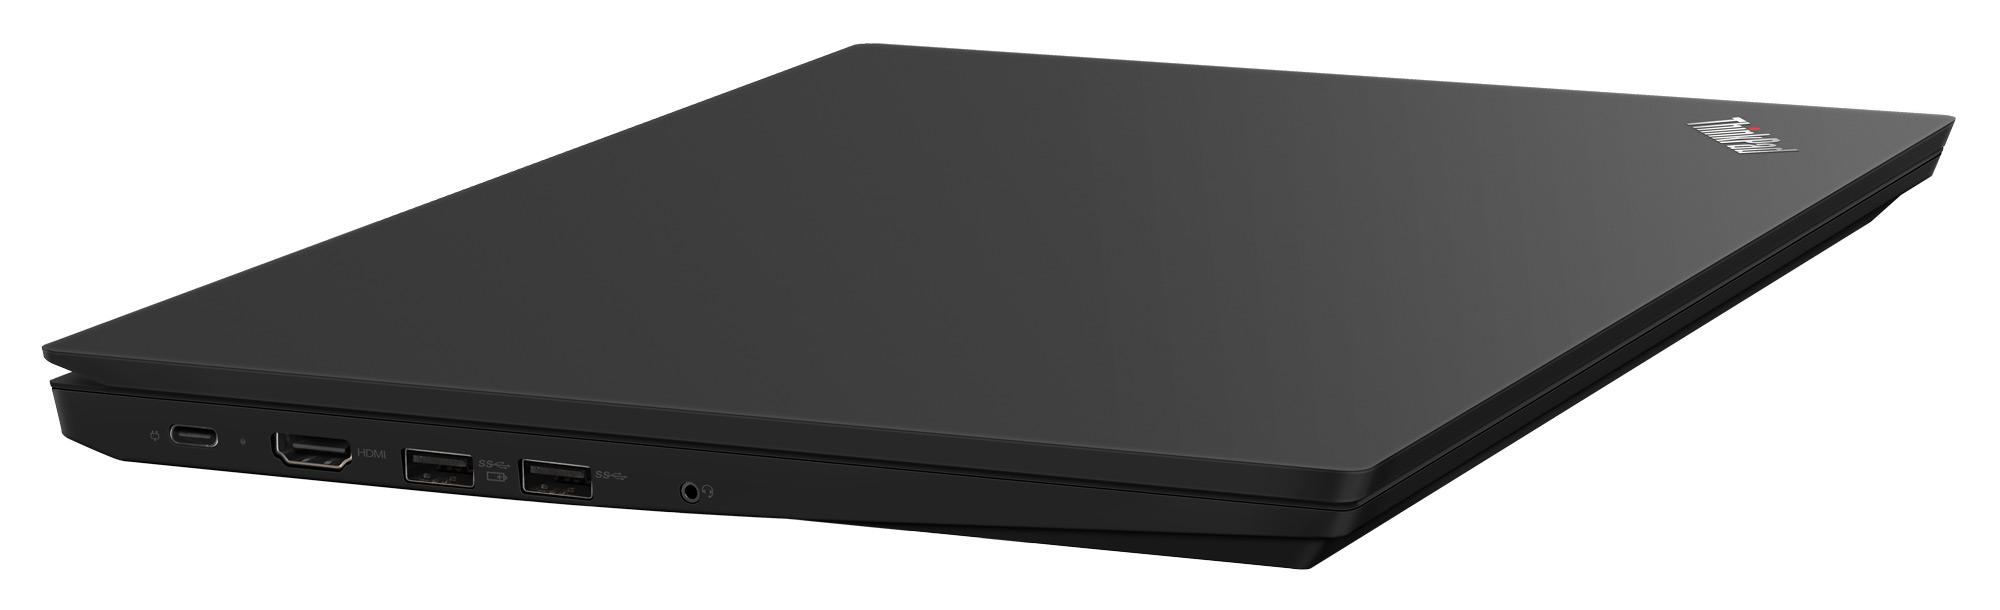 Фото  Ноутбук ThinkPad E490 (20N8005TRT)